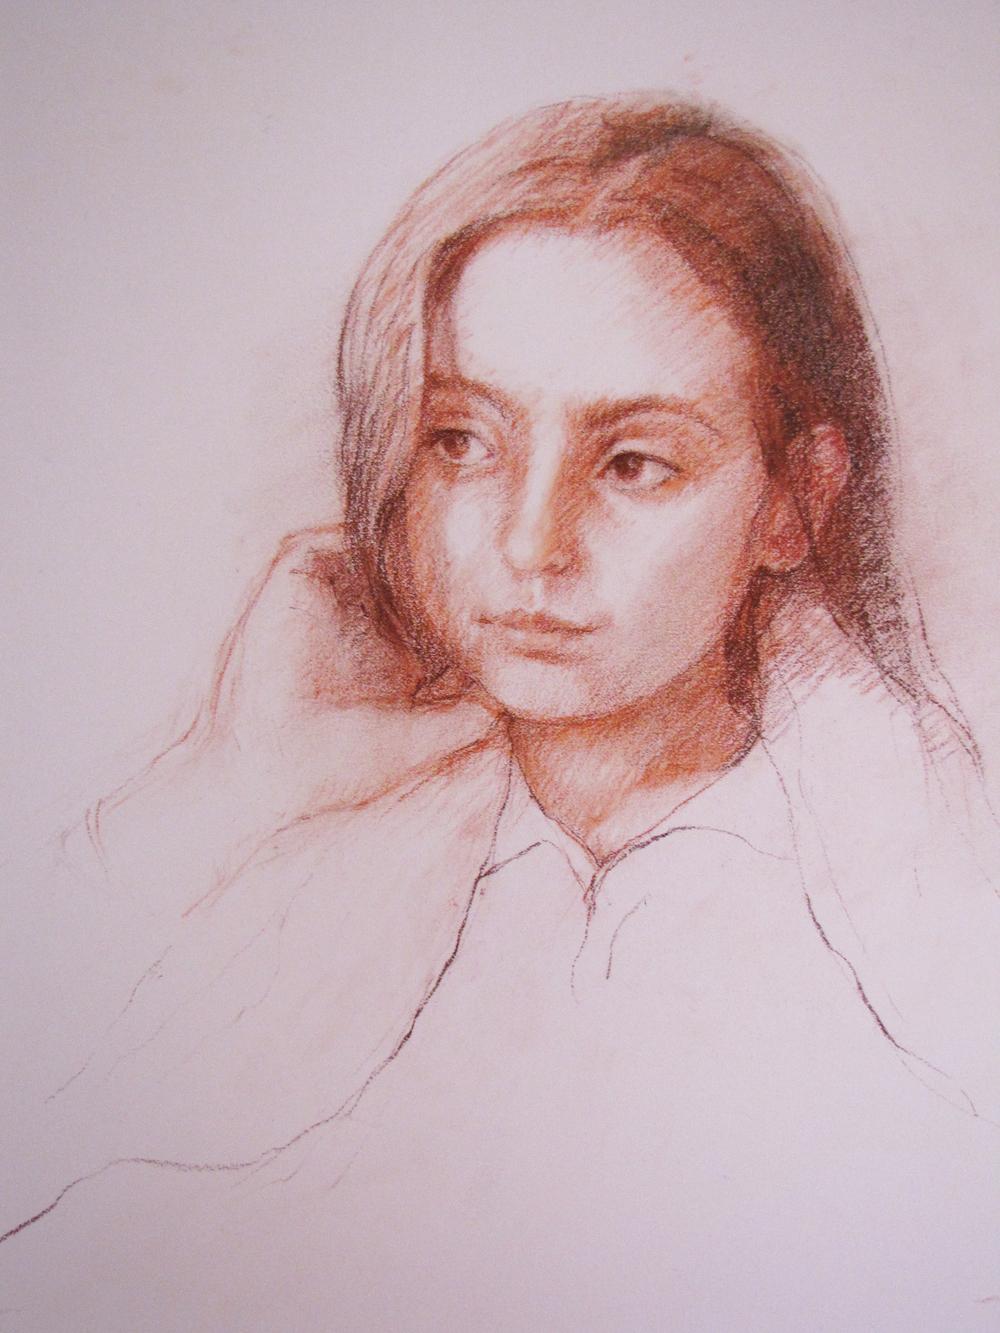 Gabriella  24 x 18 inches Conte on Paper 2010